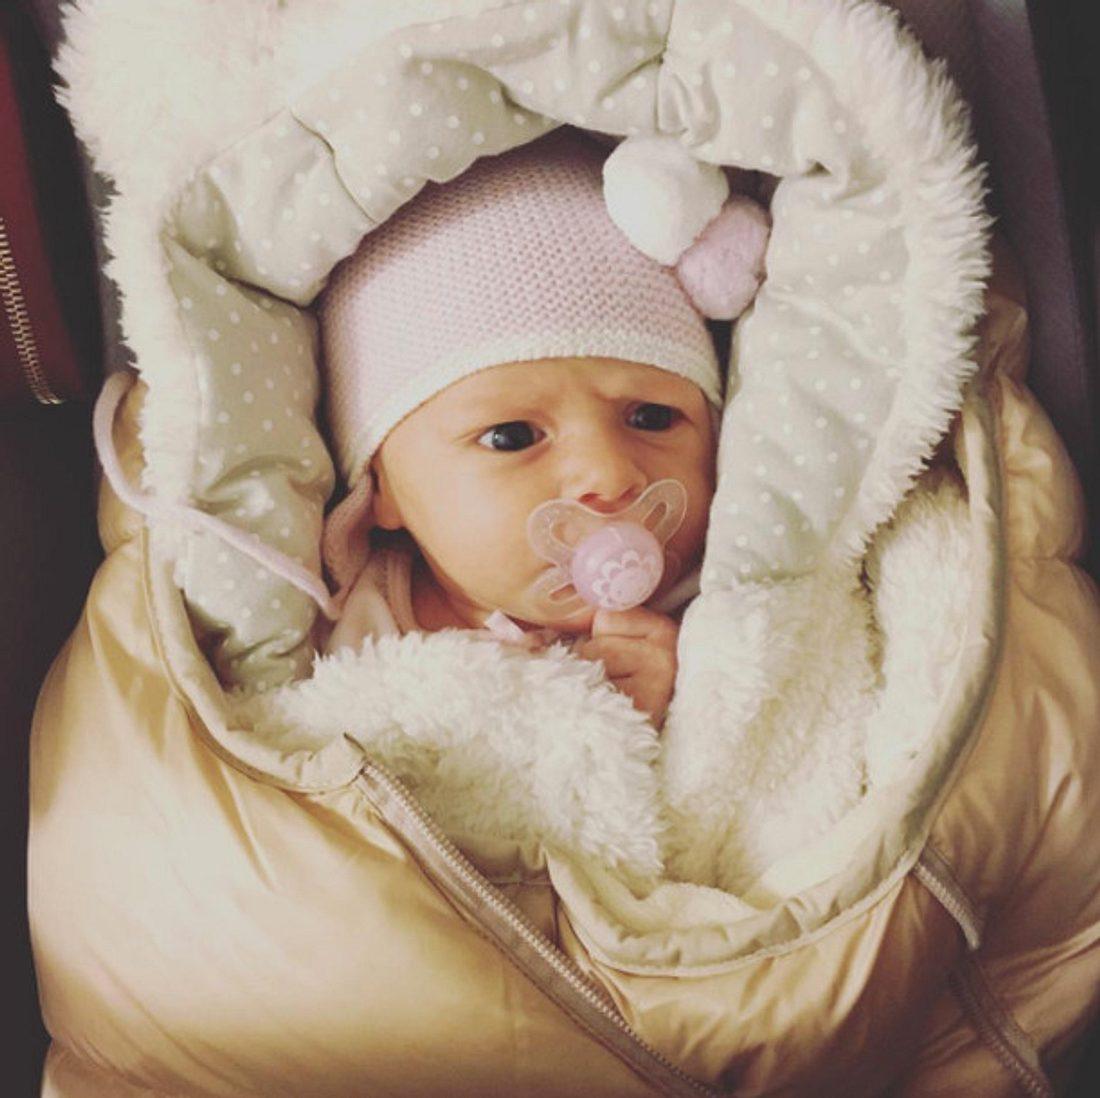 Alexander und Angelina Posths Tochter Penelope Karin